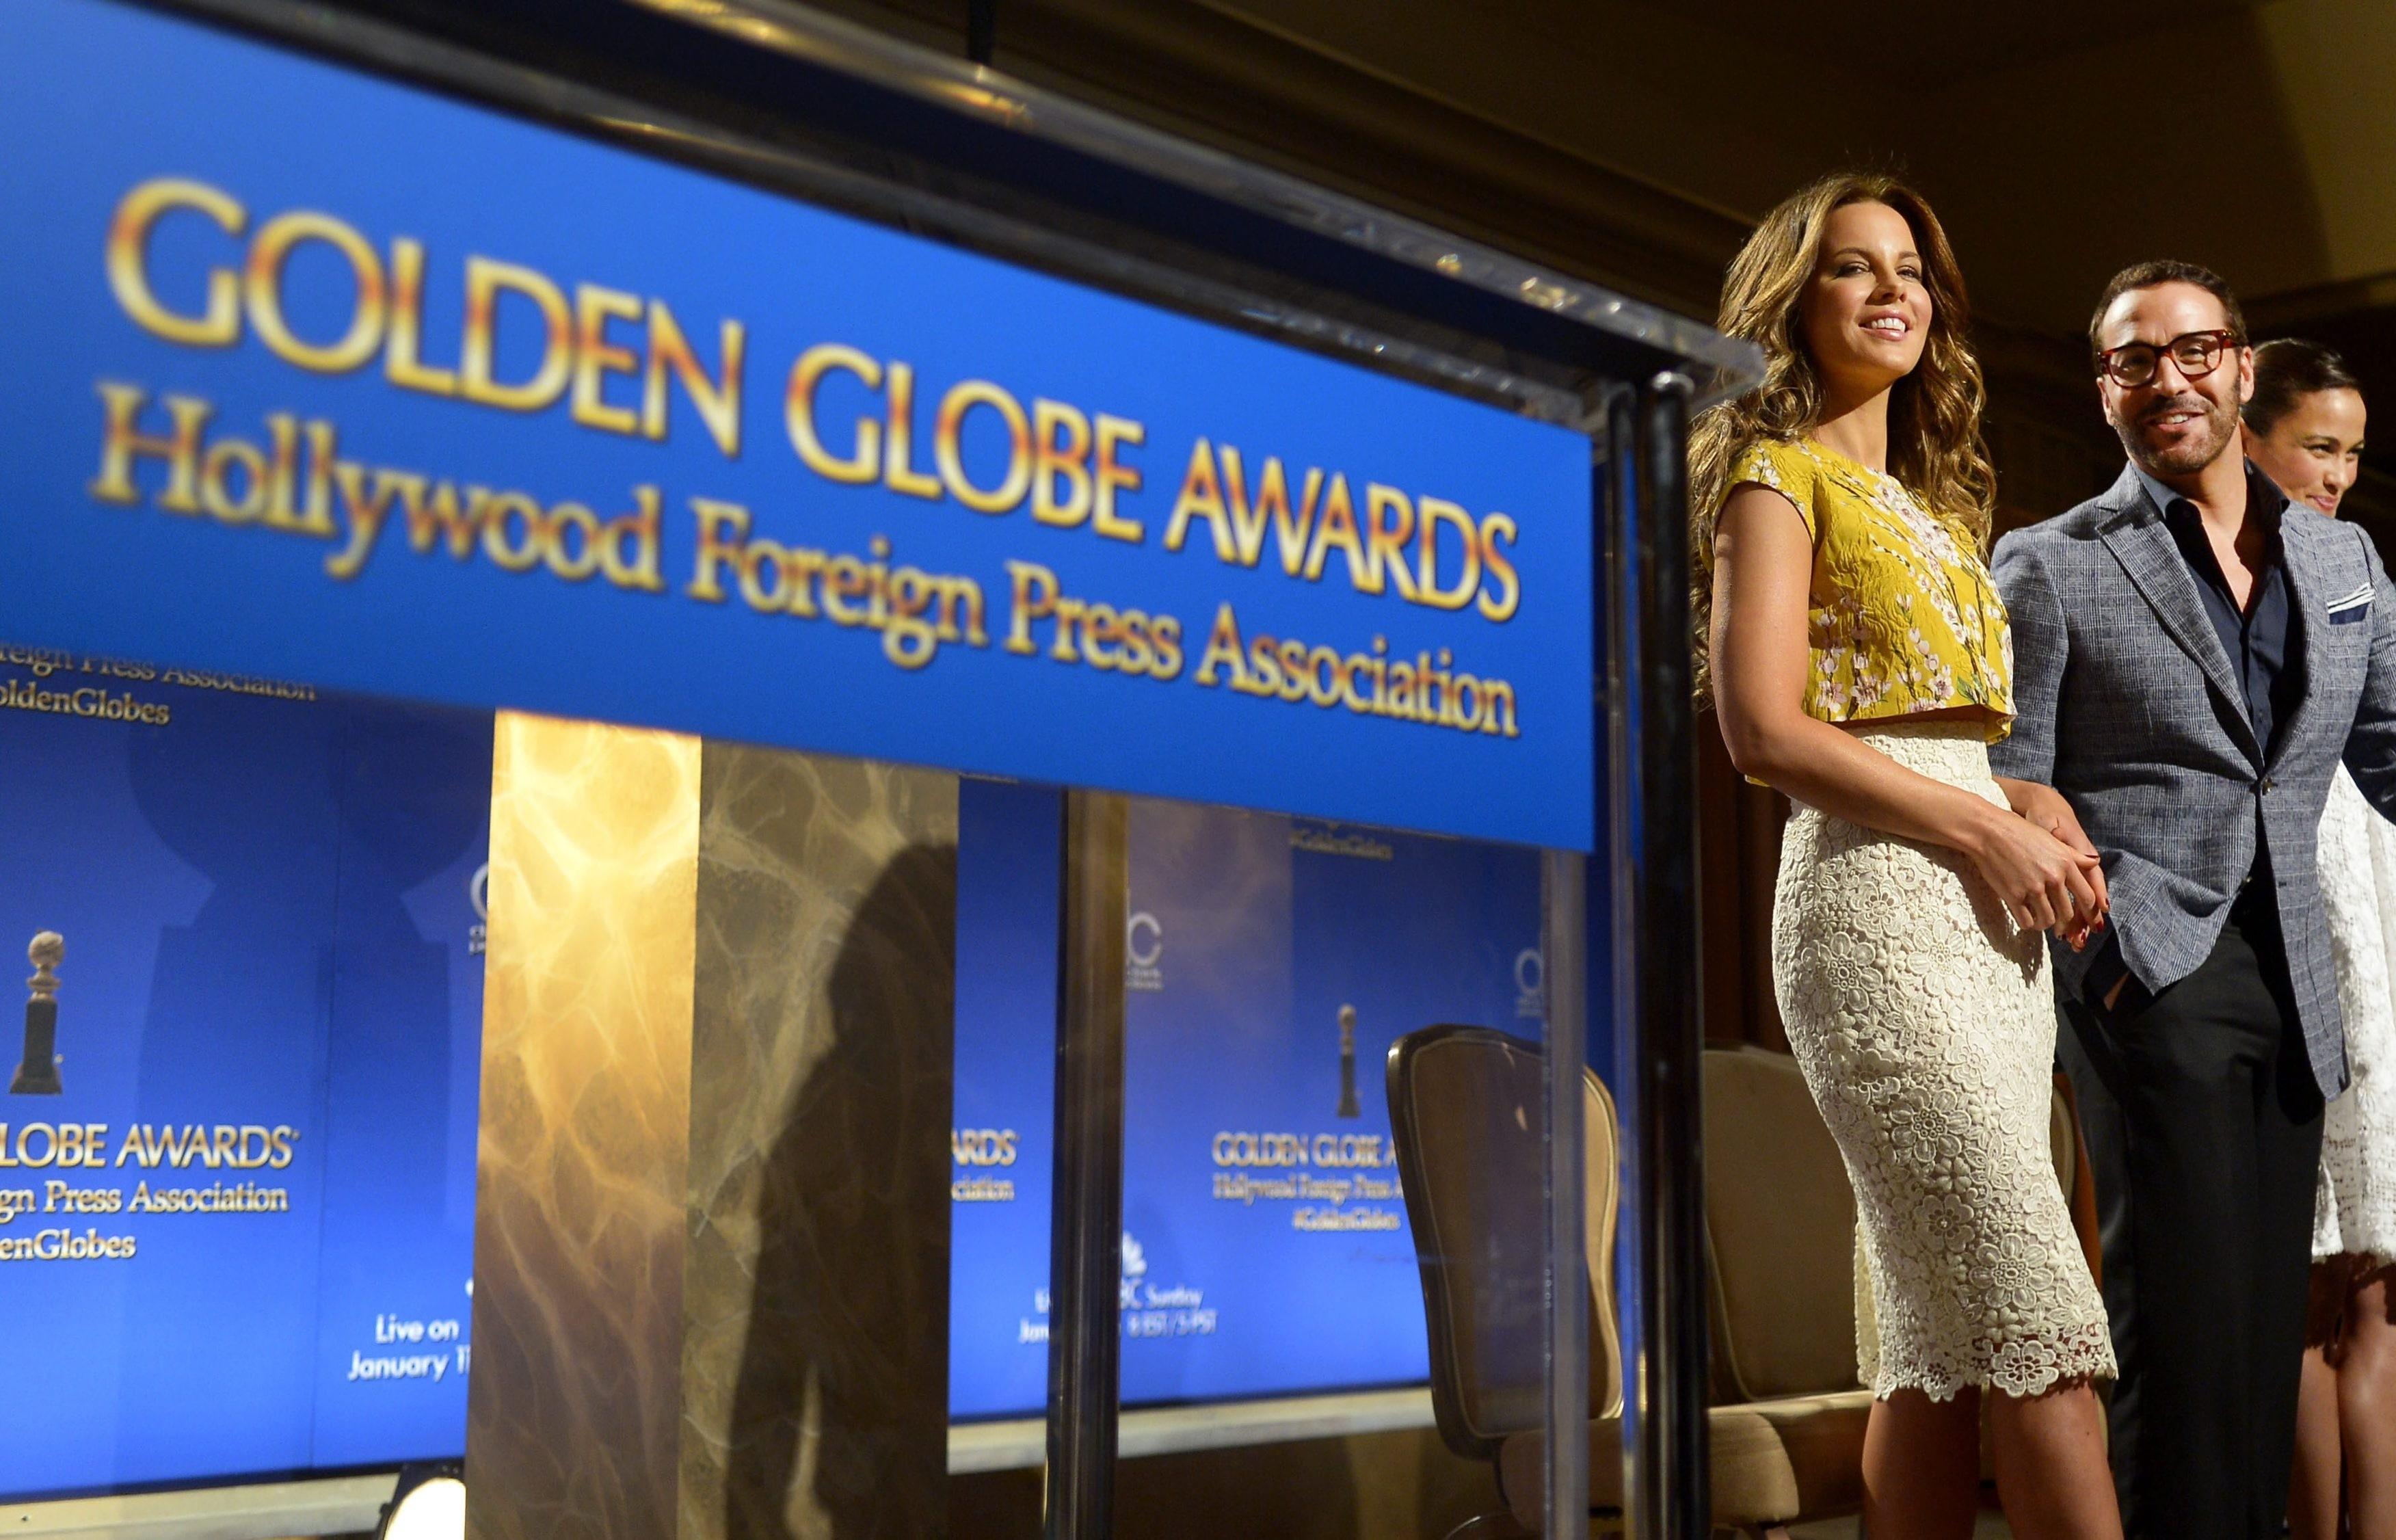 Ассоциация иностранных журналистов США объявила номинантов на'Золотой глобус